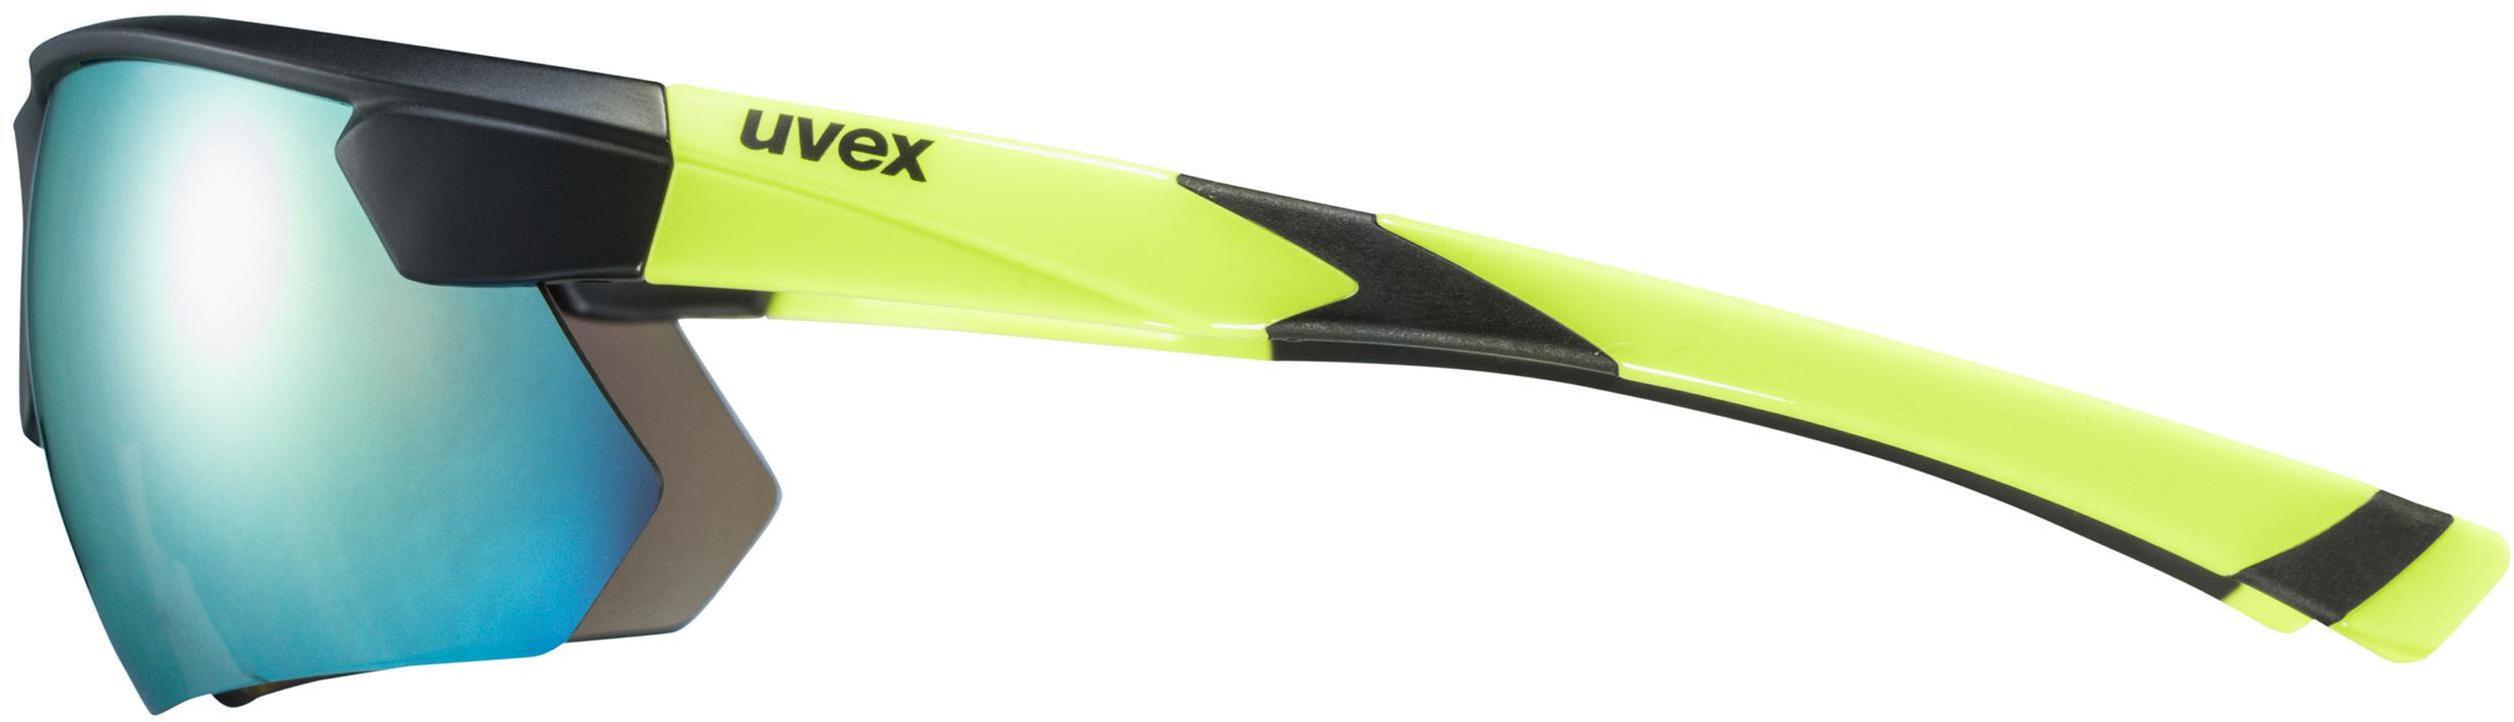 8ebea5d8de9d2 UVEX Sportstyle 221 - Lunettes cyclisme - jaune noir - Boutique de ...